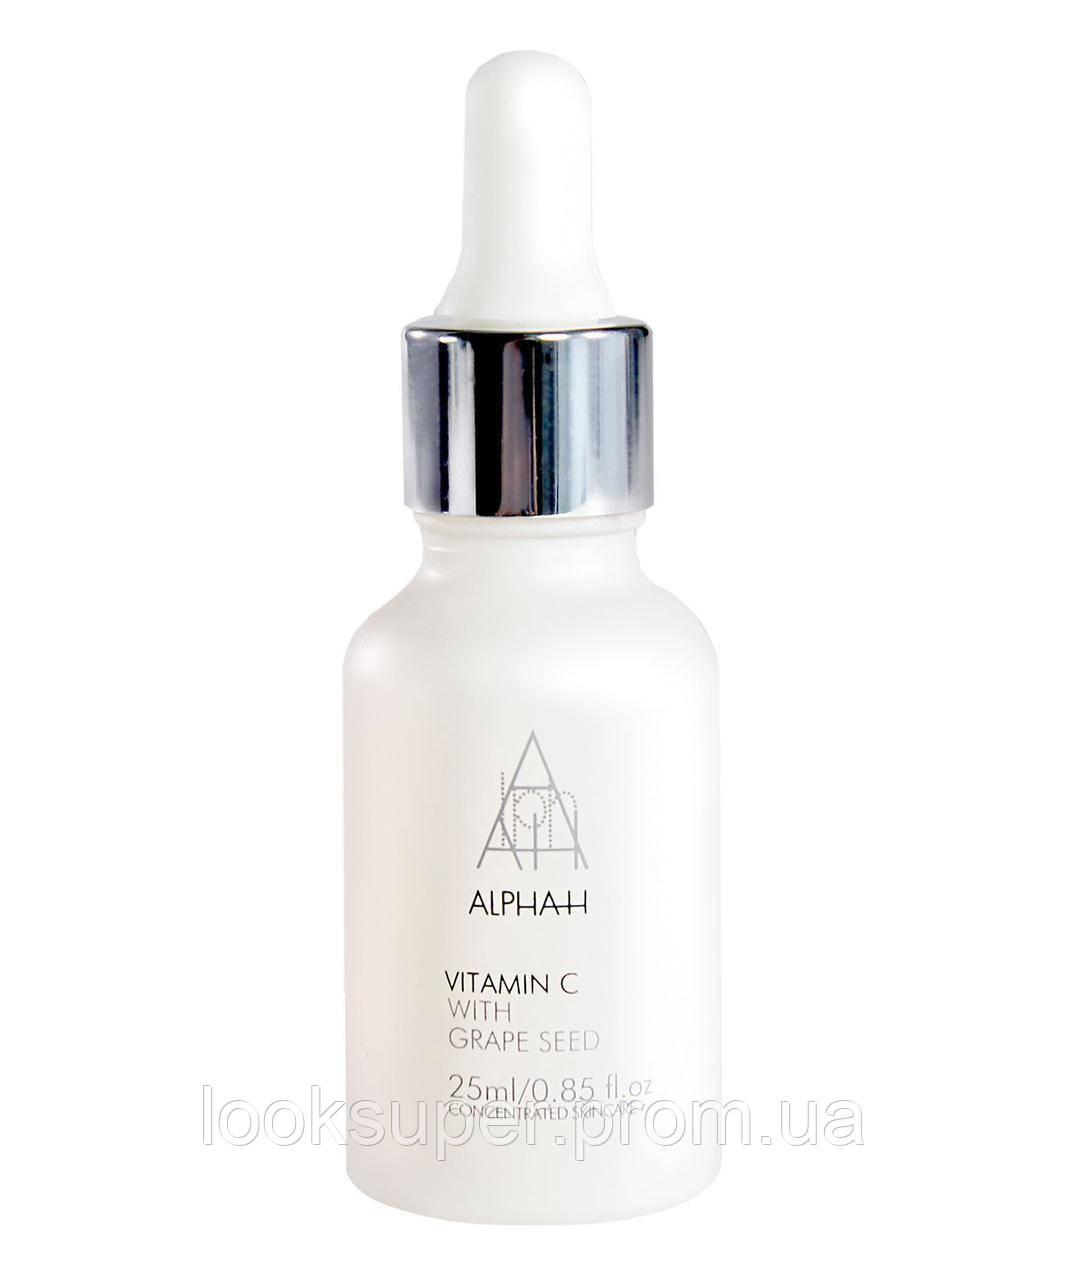 Сыворотка для лица Alpha-H Vitamin C